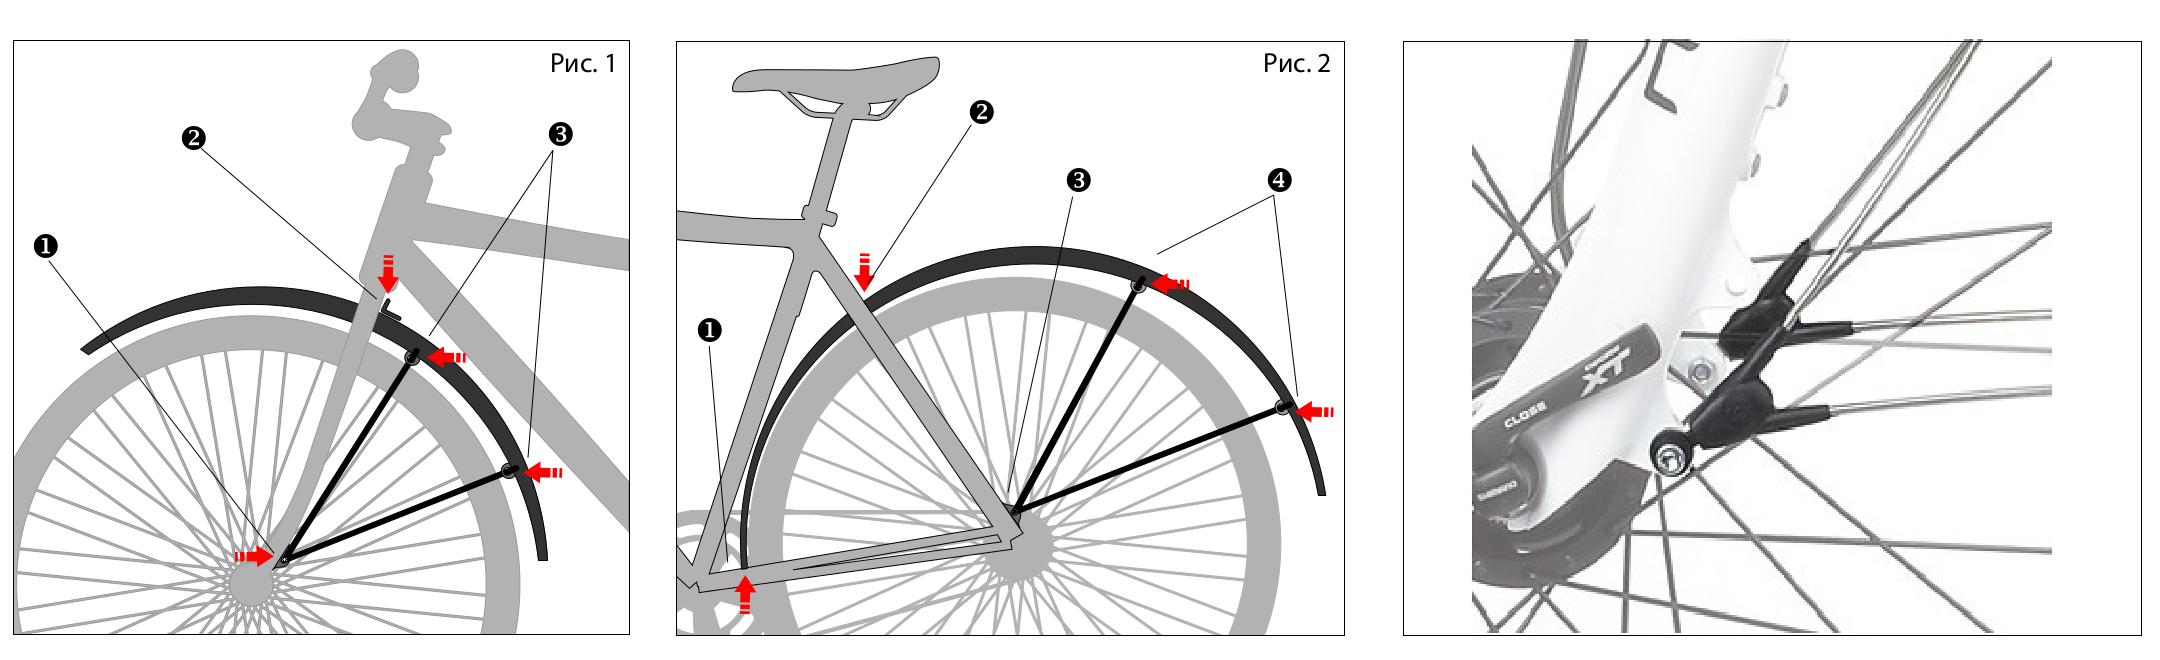 Щитки крылья велосипед крепить